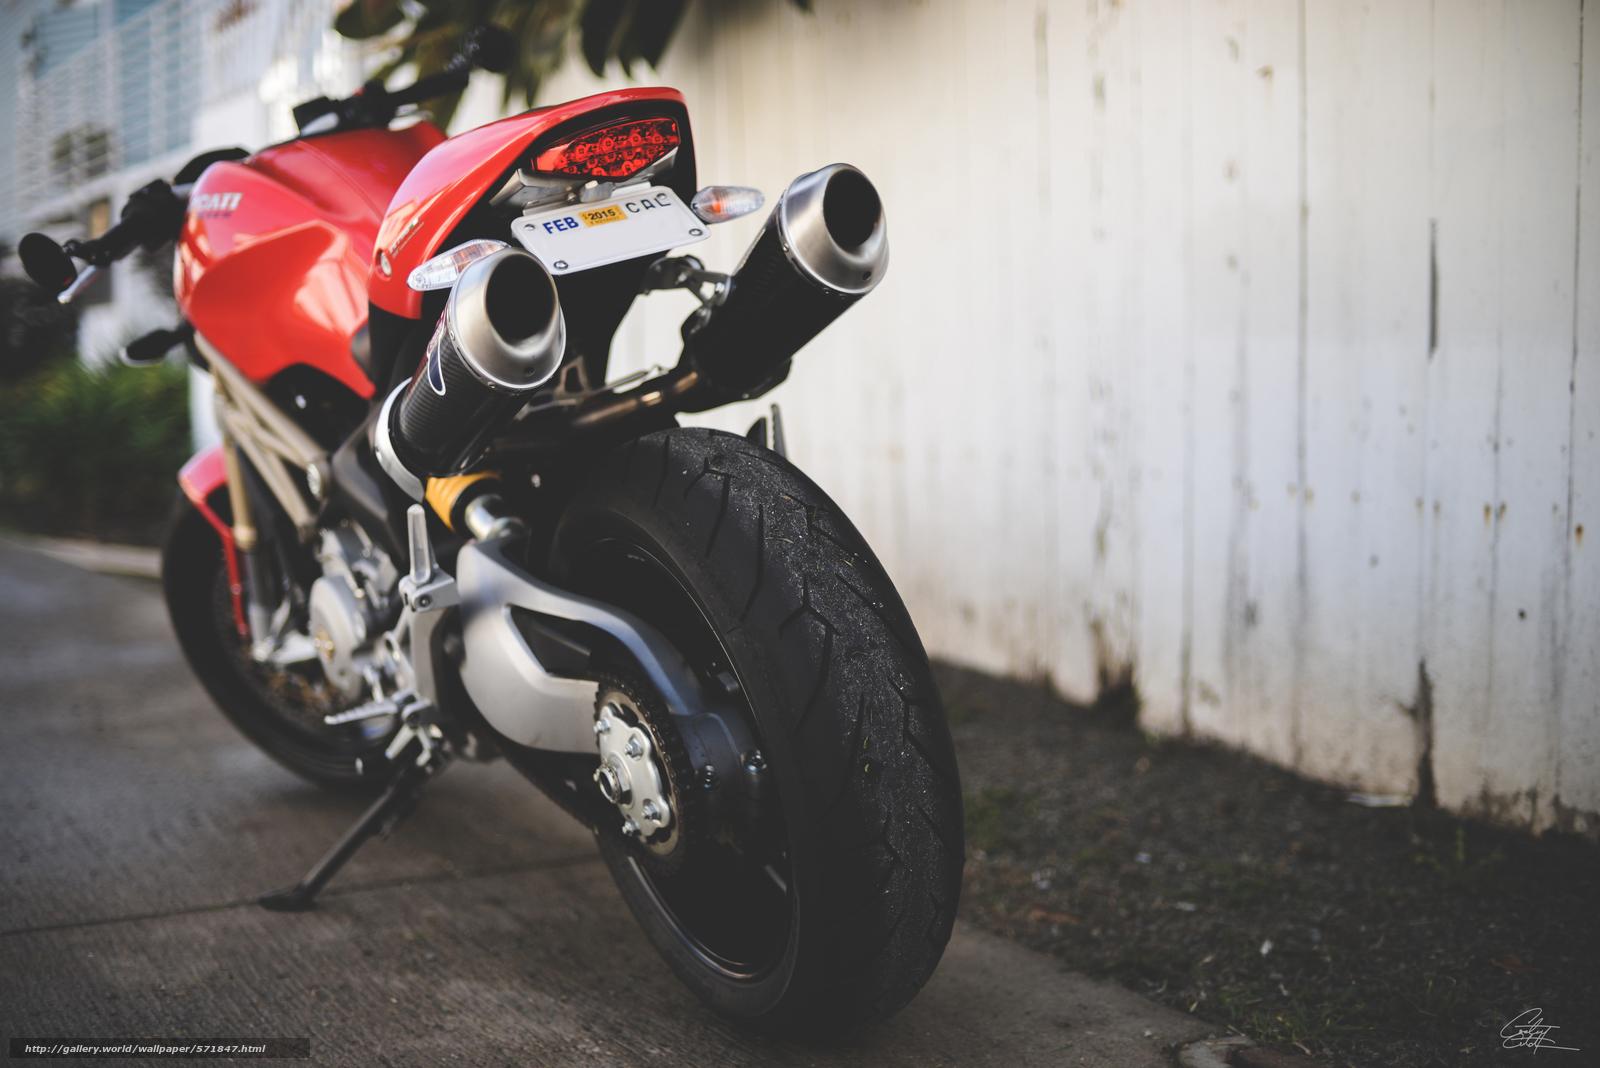 pobra tapety Ducati,  czerwony,  tłumik,  Ducati Monster Darmowe tapety na pulpit rozdzielczoci 6016x4016 — zdjcie №571847